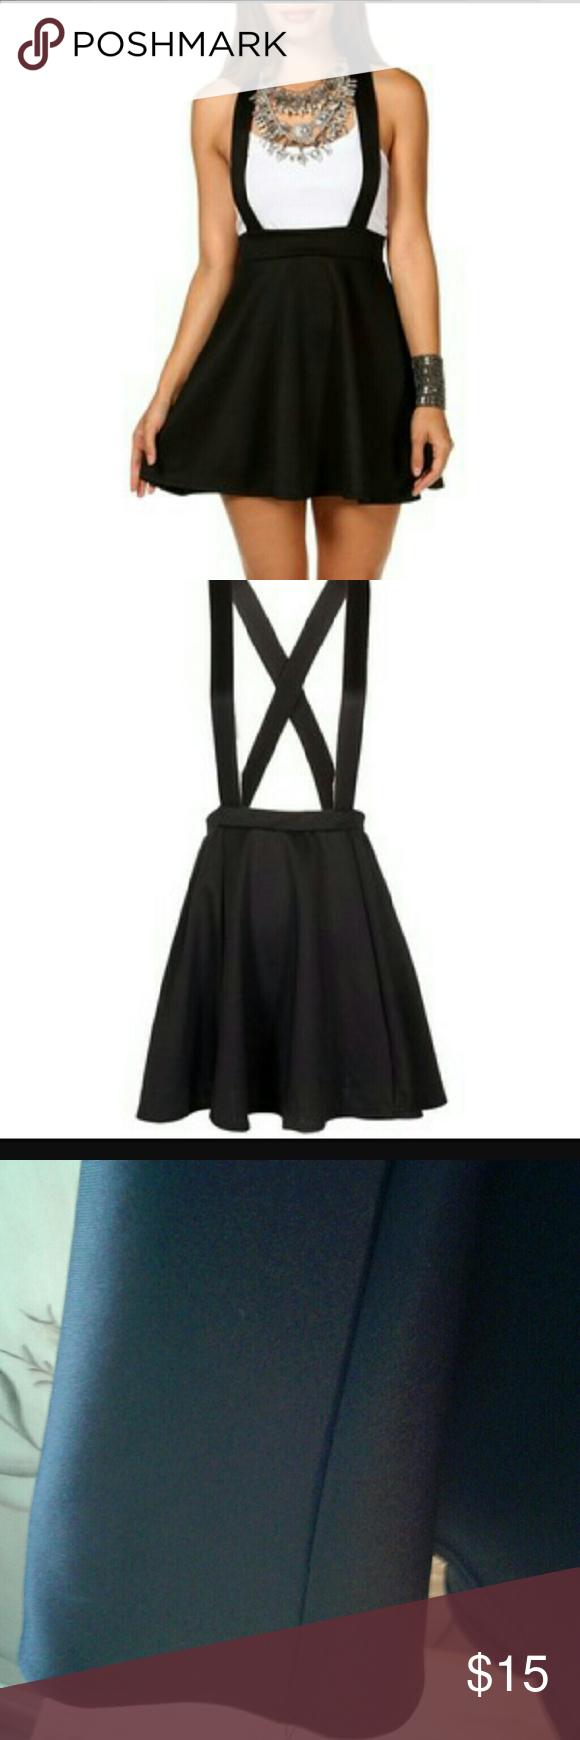 Skater skirt dress Awesome skater skirt dress, never used Skirts Circle & Skater